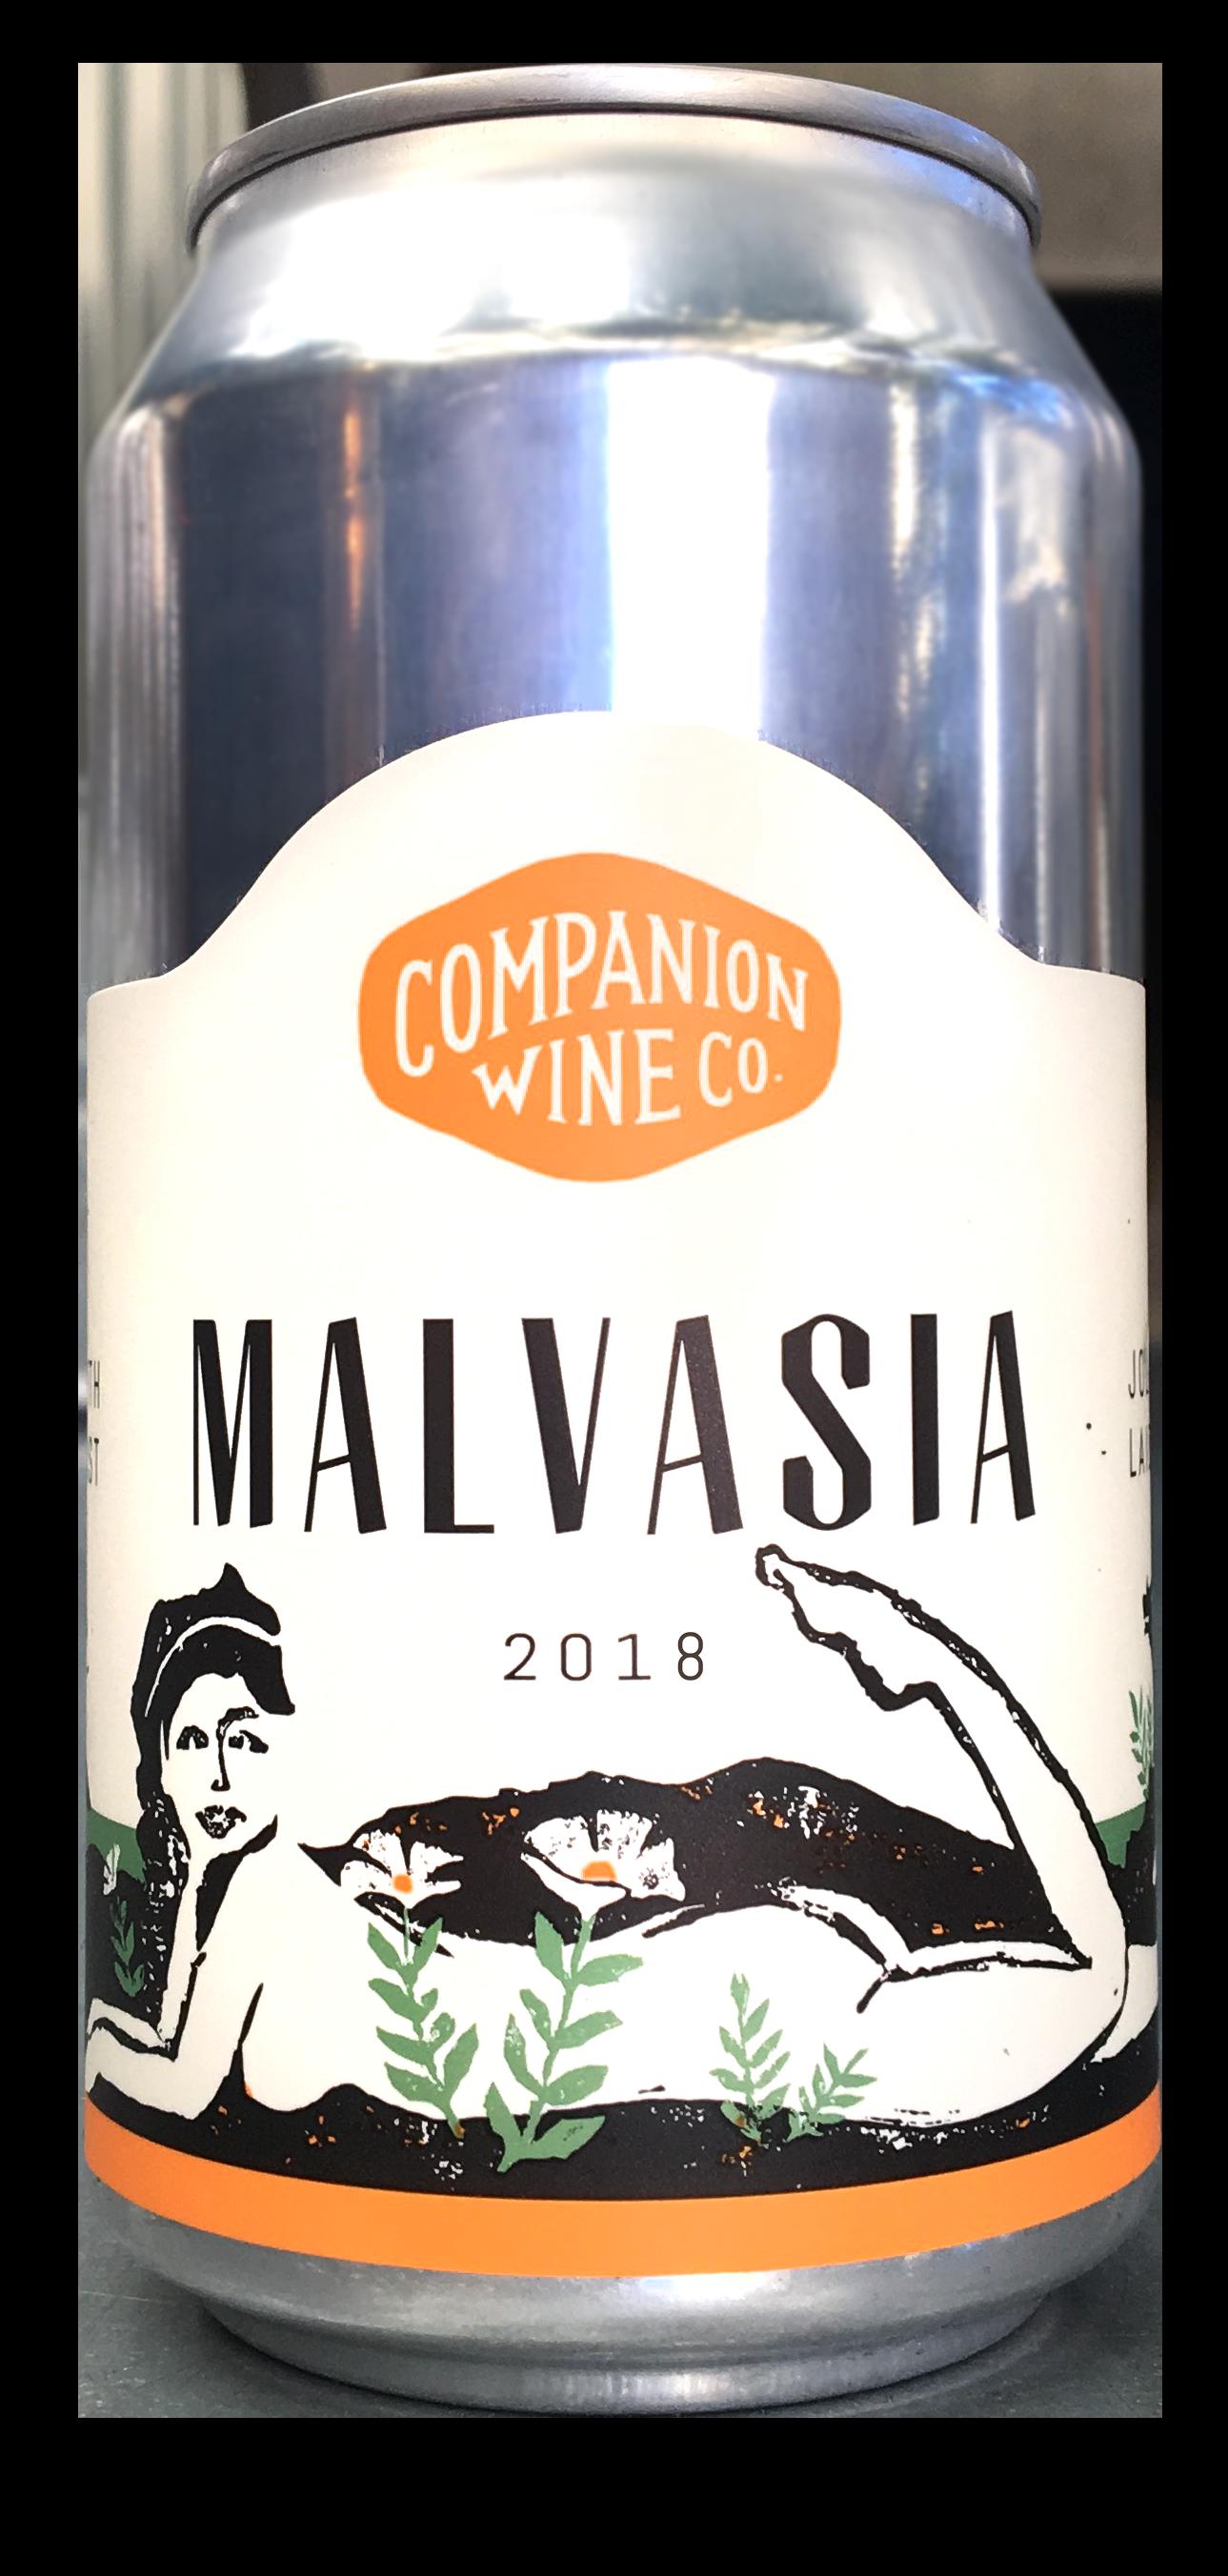 malvasia-18.png